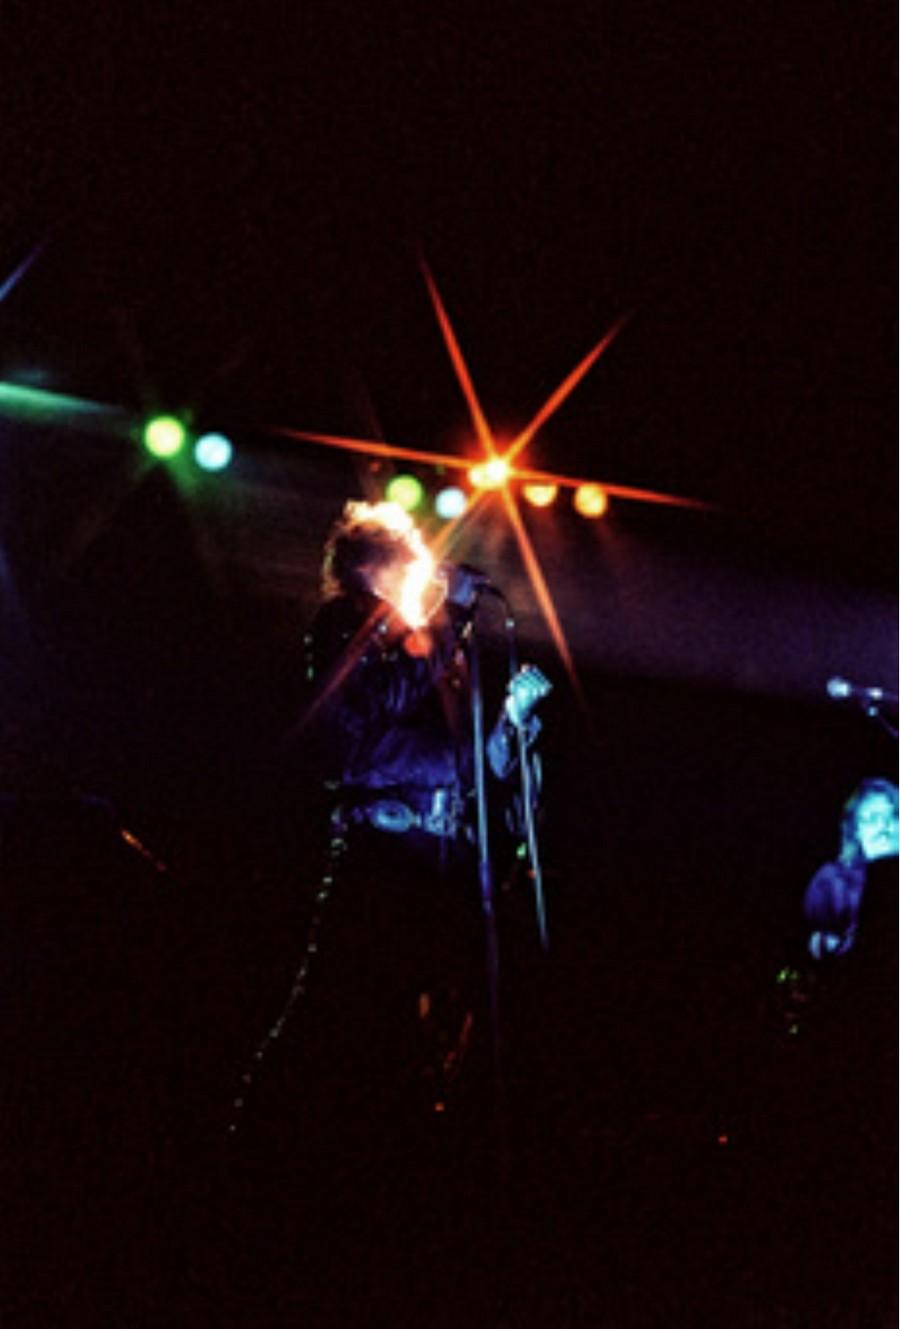 LES CONCERTS DE JOHNNY 'HIPPODROME DE PANTIN 1981' Akg77744